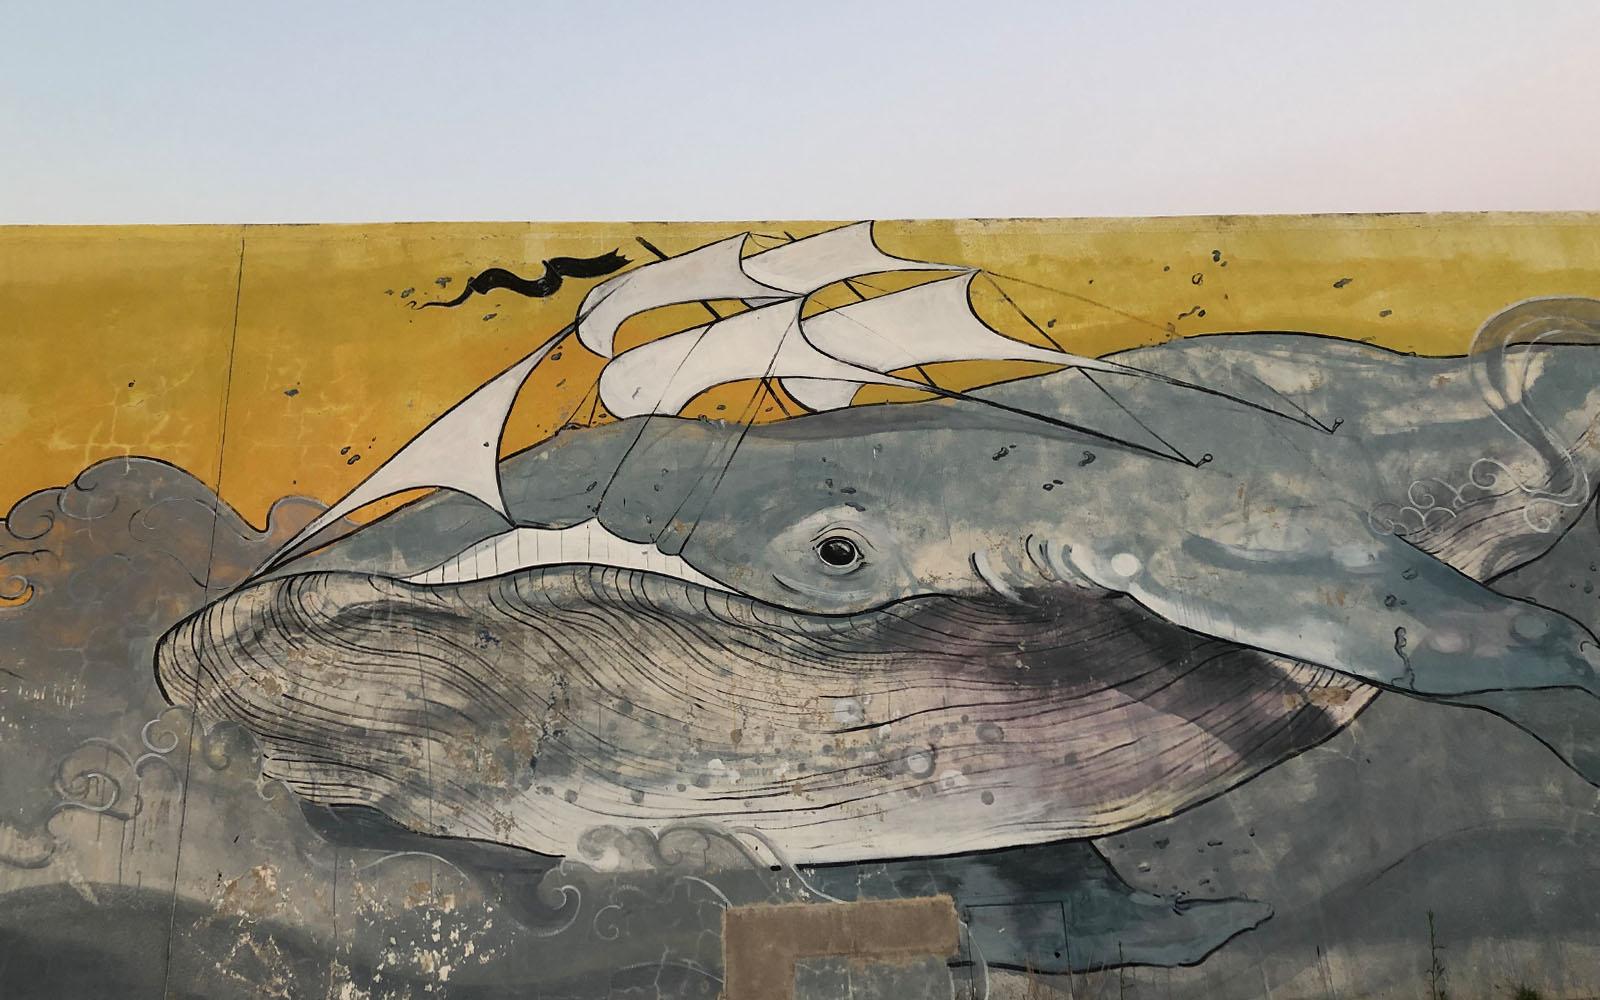 Una delle opere di street art del progetto Vedo a Colori.